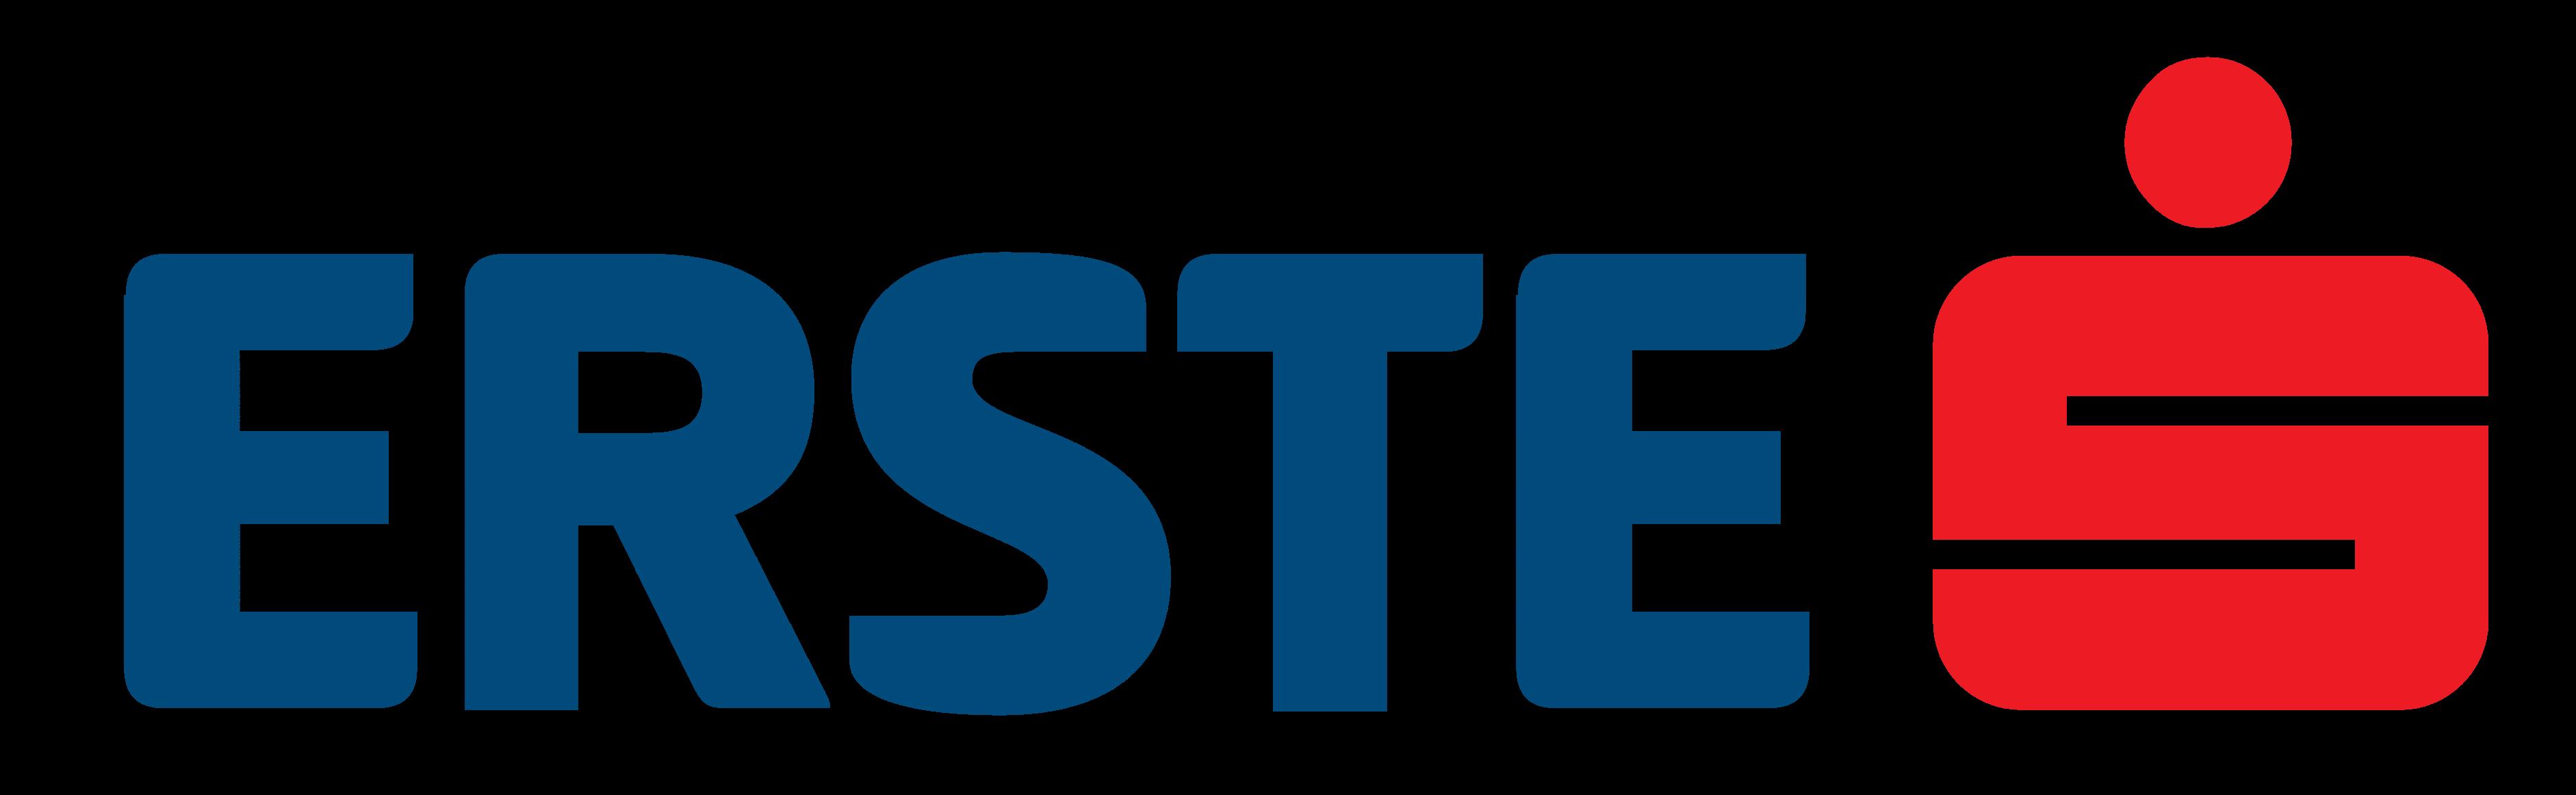 Erste_Bank